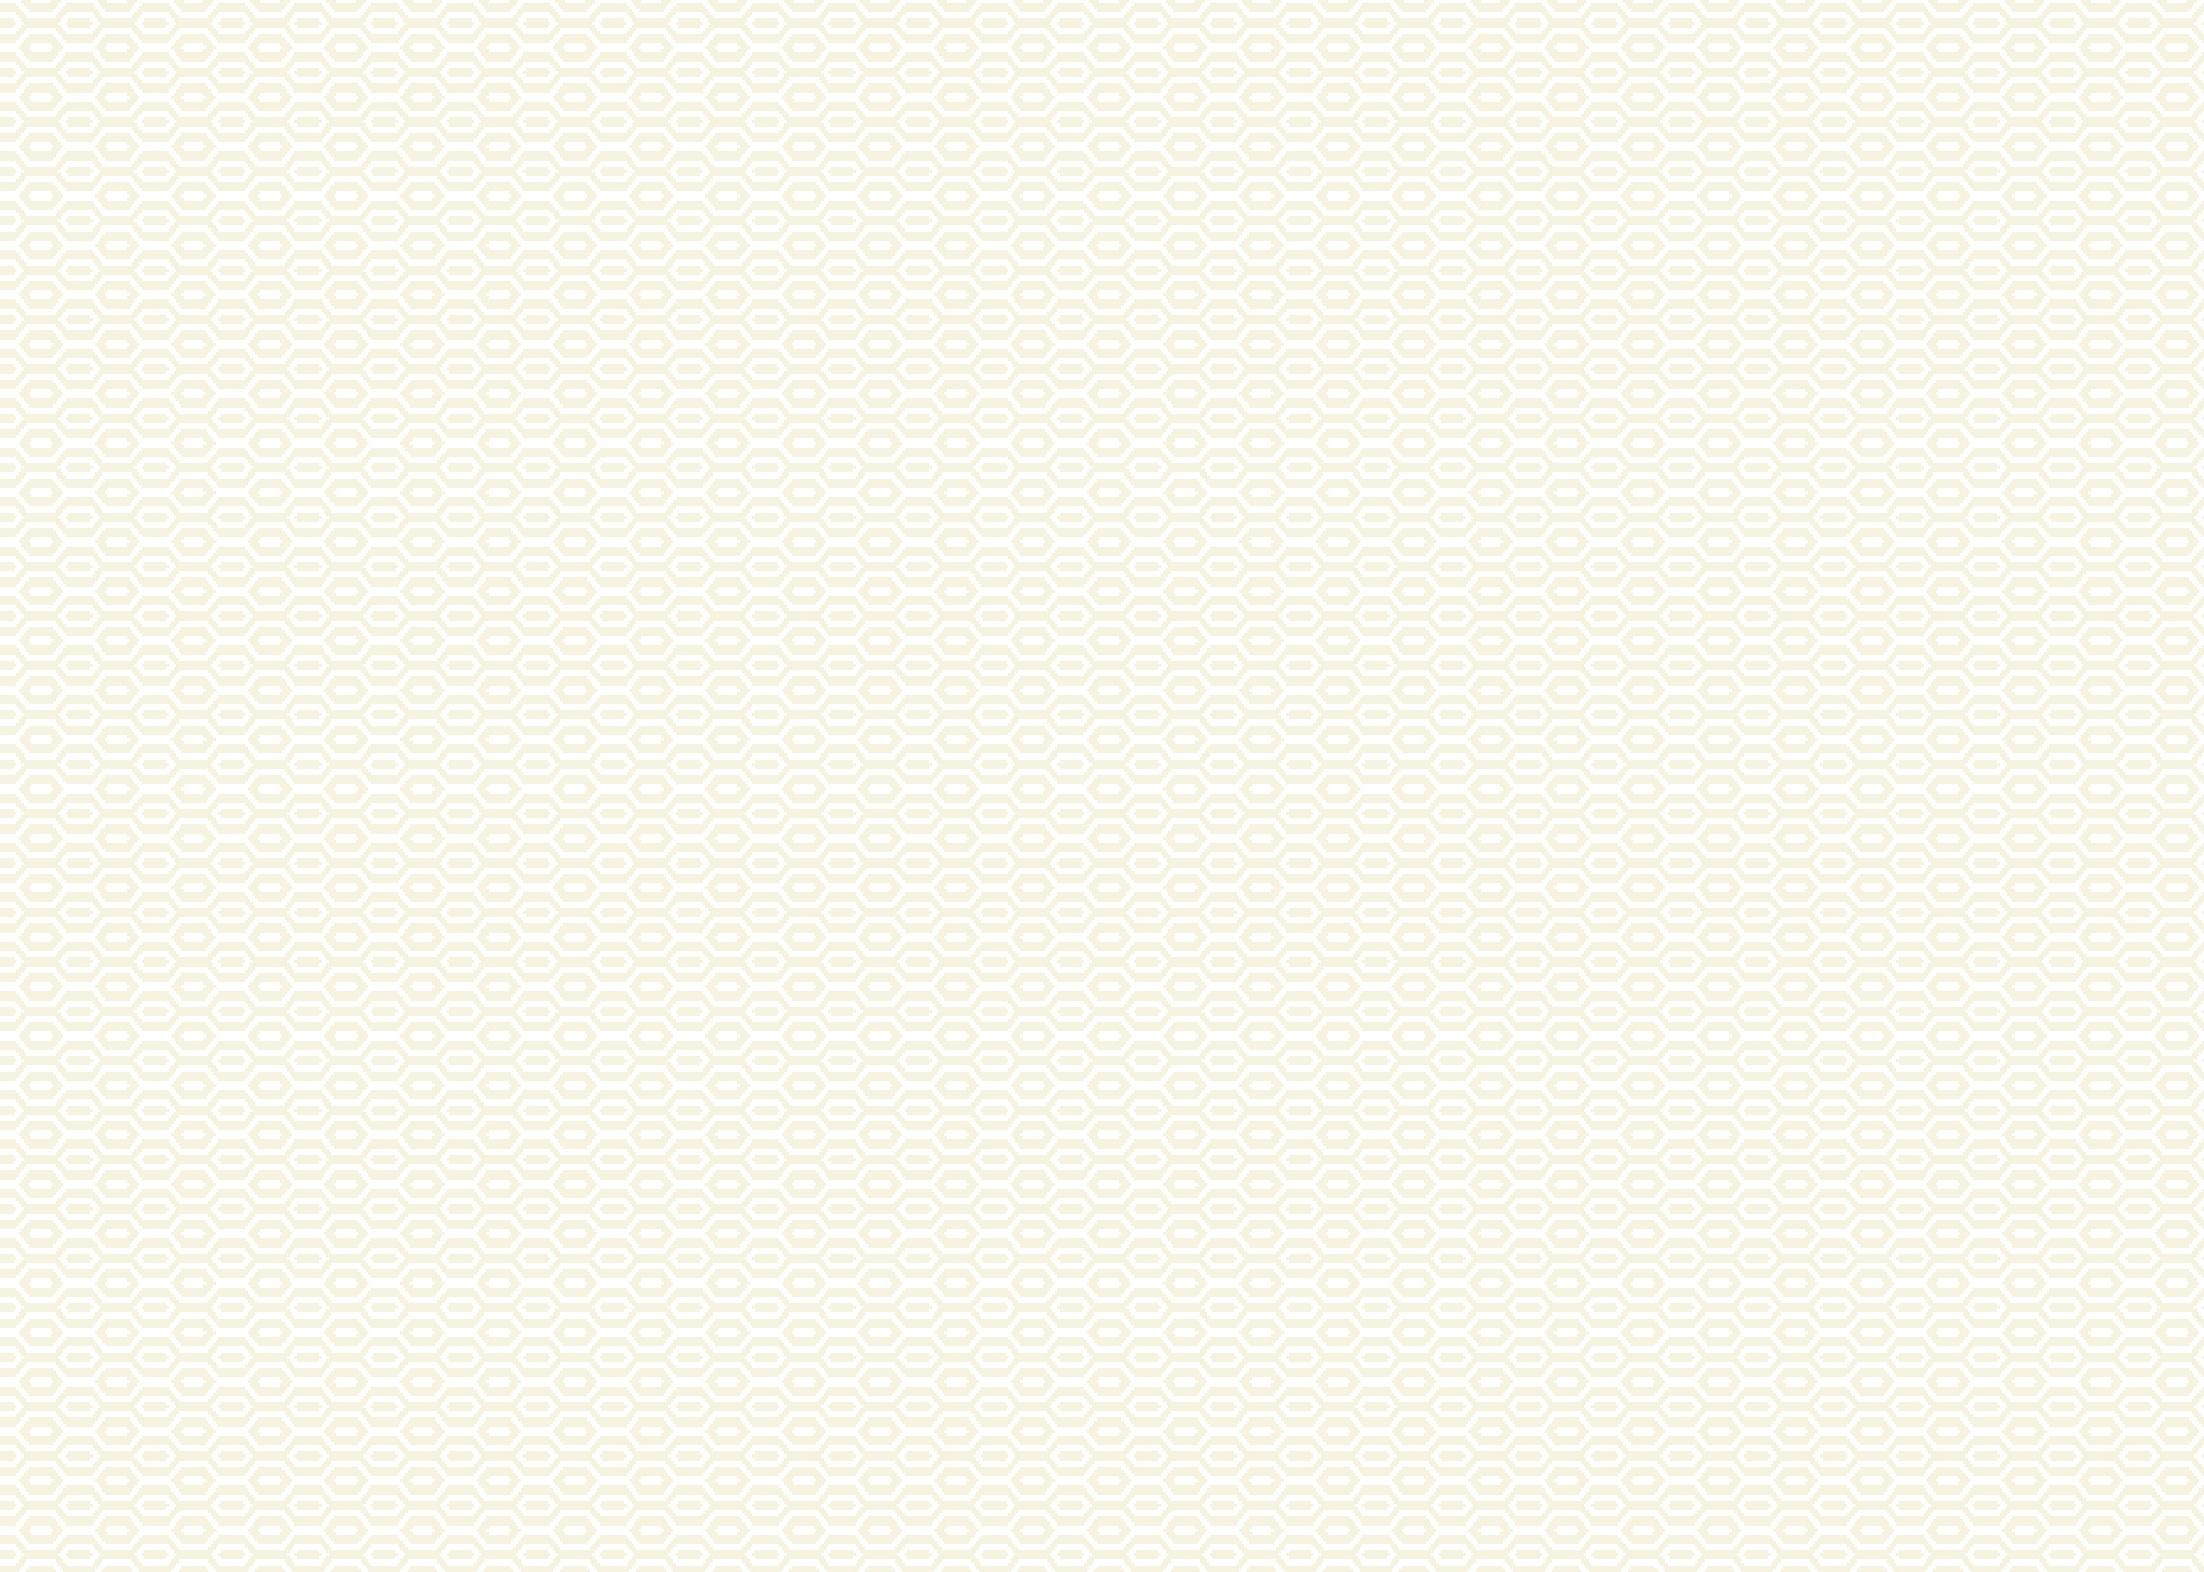 Ковер OpticПрямоугольные ковры<br>Низкий ворс, плотный, мелкий рисунок.&amp;lt;div&amp;gt;Материал: 100% Полипропилен&amp;lt;br&amp;gt;&amp;lt;/div&amp;gt;<br><br>Material: Текстиль<br>Ширина см: 150<br>Глубина см: 80